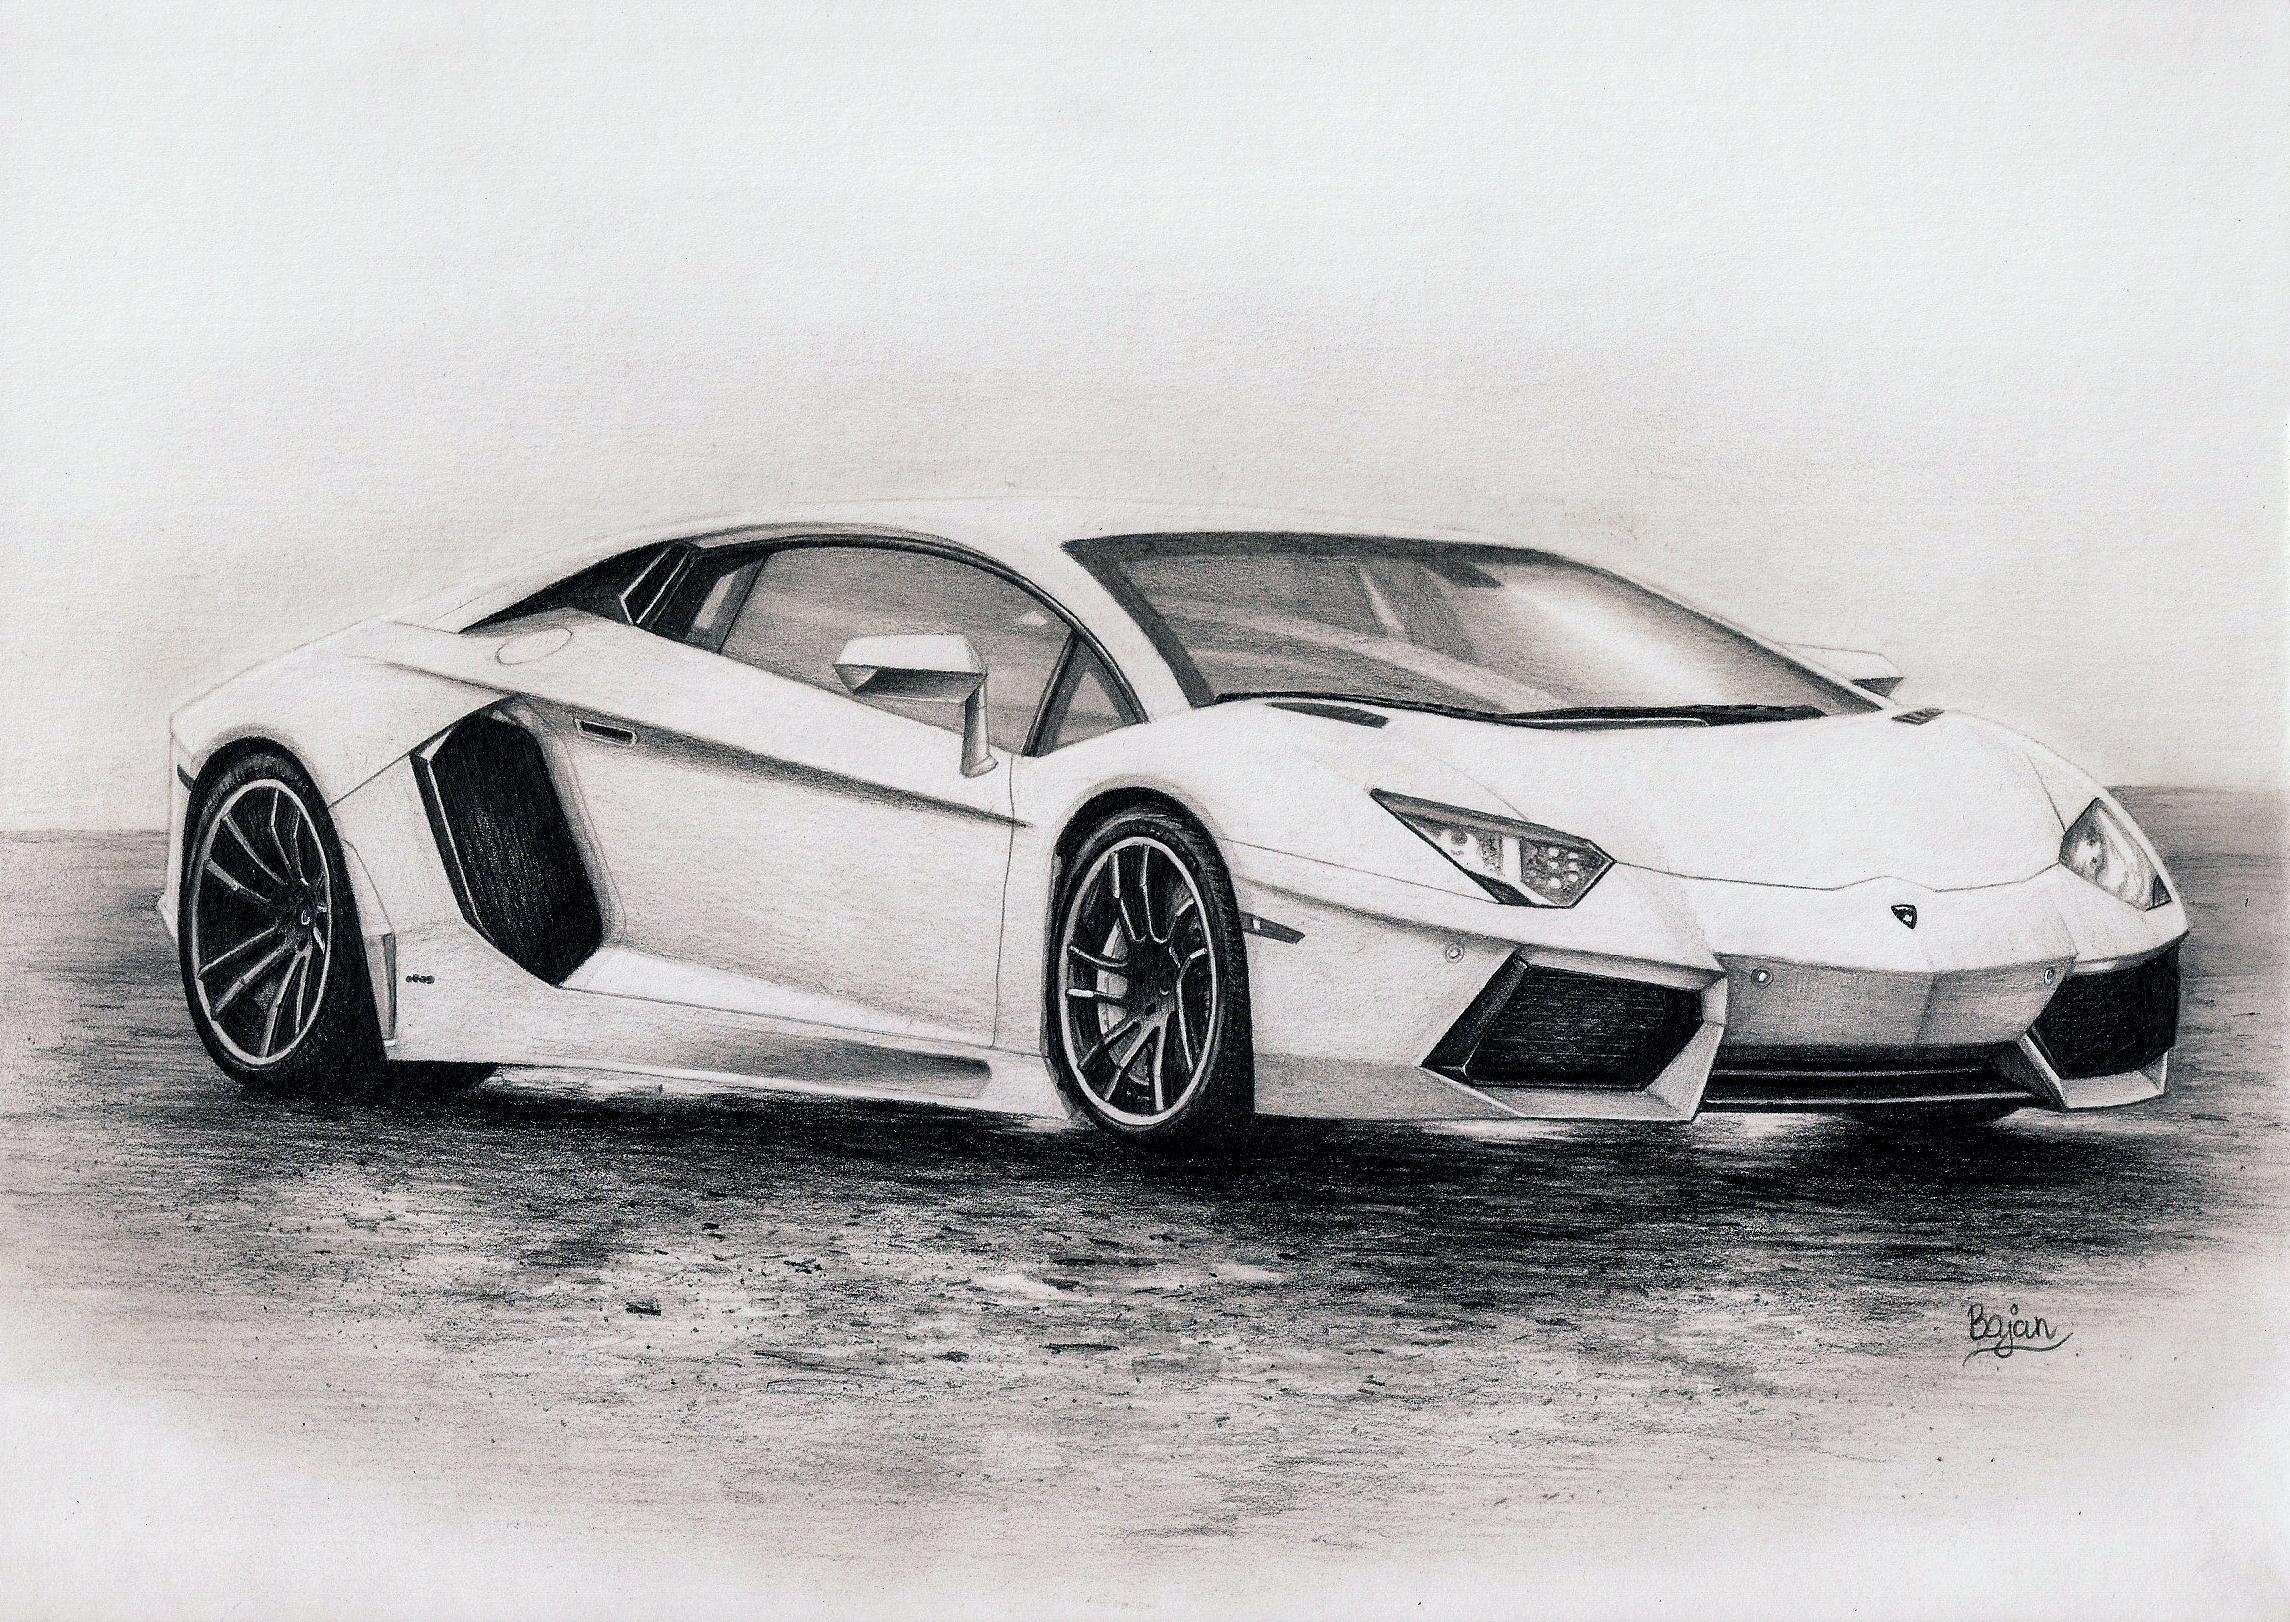 lamborghini aventador drawing by bajanoski on deviantart - Lamborghini Black And White Drawing